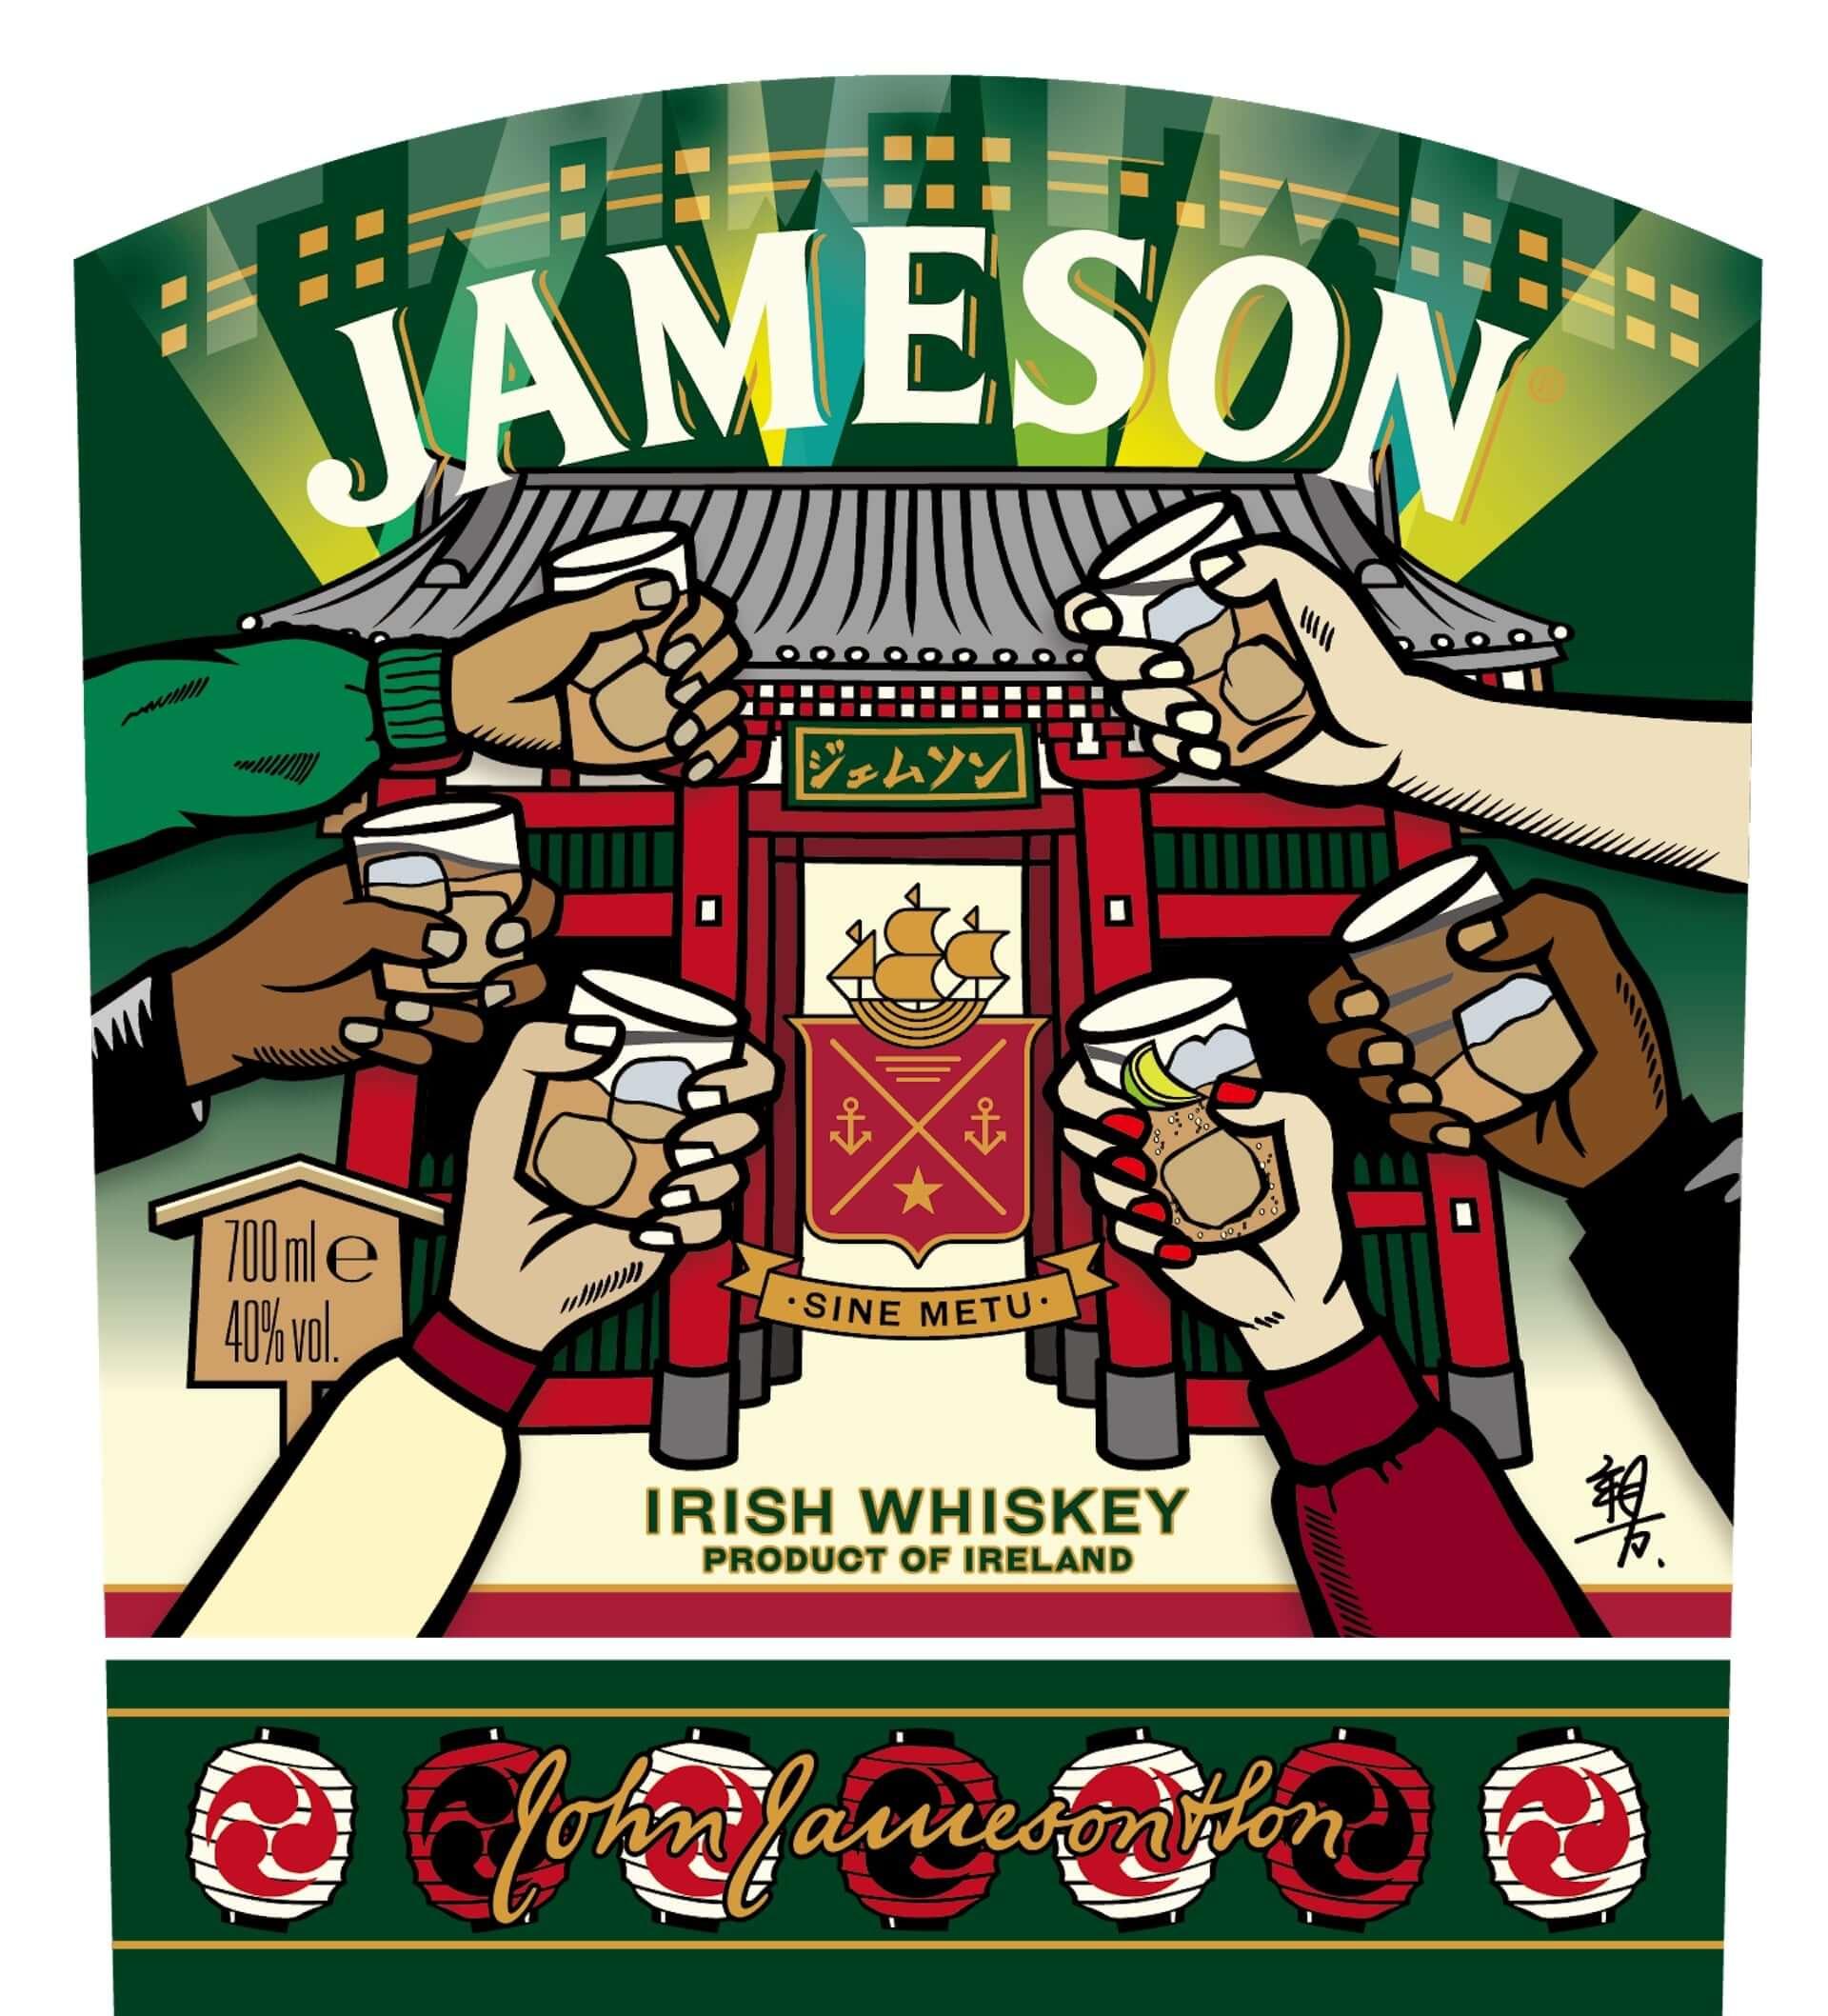 """『ジェムソン』が""""東京""""デザインの限定ボトルに!PUNK DRUNKERS・親方とコラボした『ジェムソン 東京 リミテッド』が発売決定 gourmet200828_jamesonwhiskey_3-1920x2117"""